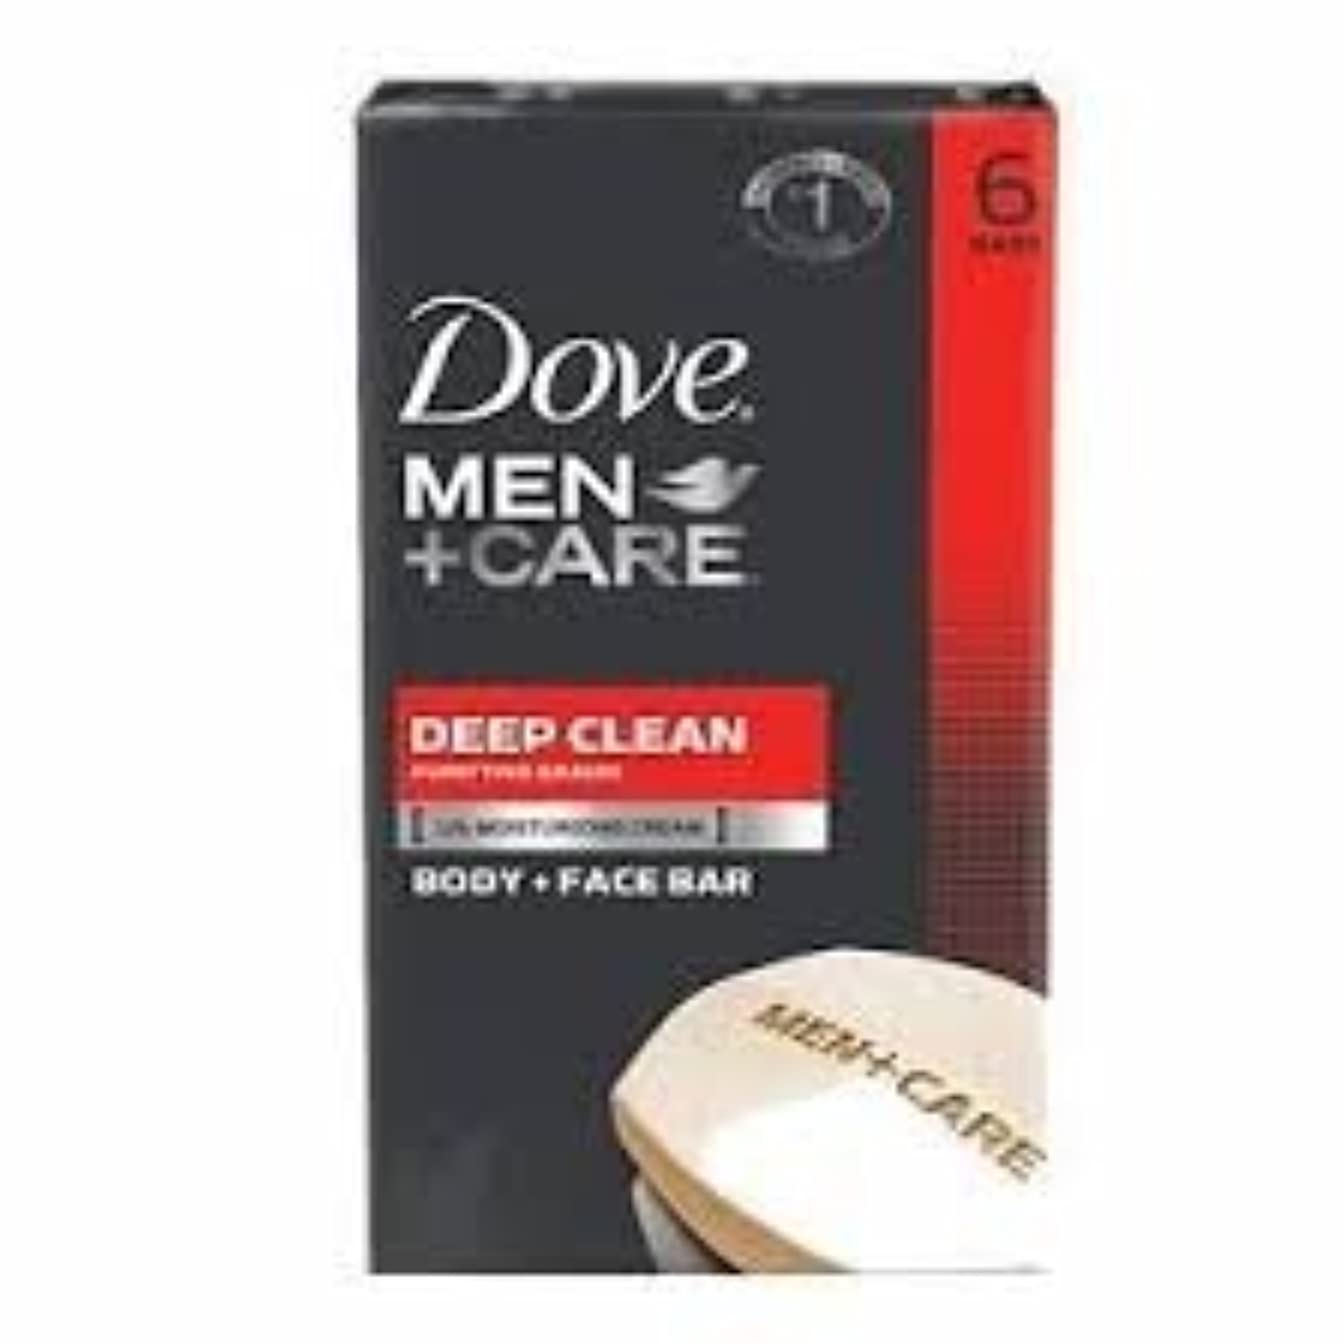 レーダージュニアバッチDove Men + Care Body and Face Bar, Deep Clean 4oz x 6Bars ダブ メン プラスケア ディープ クリーン ソープ 4oz x 6個